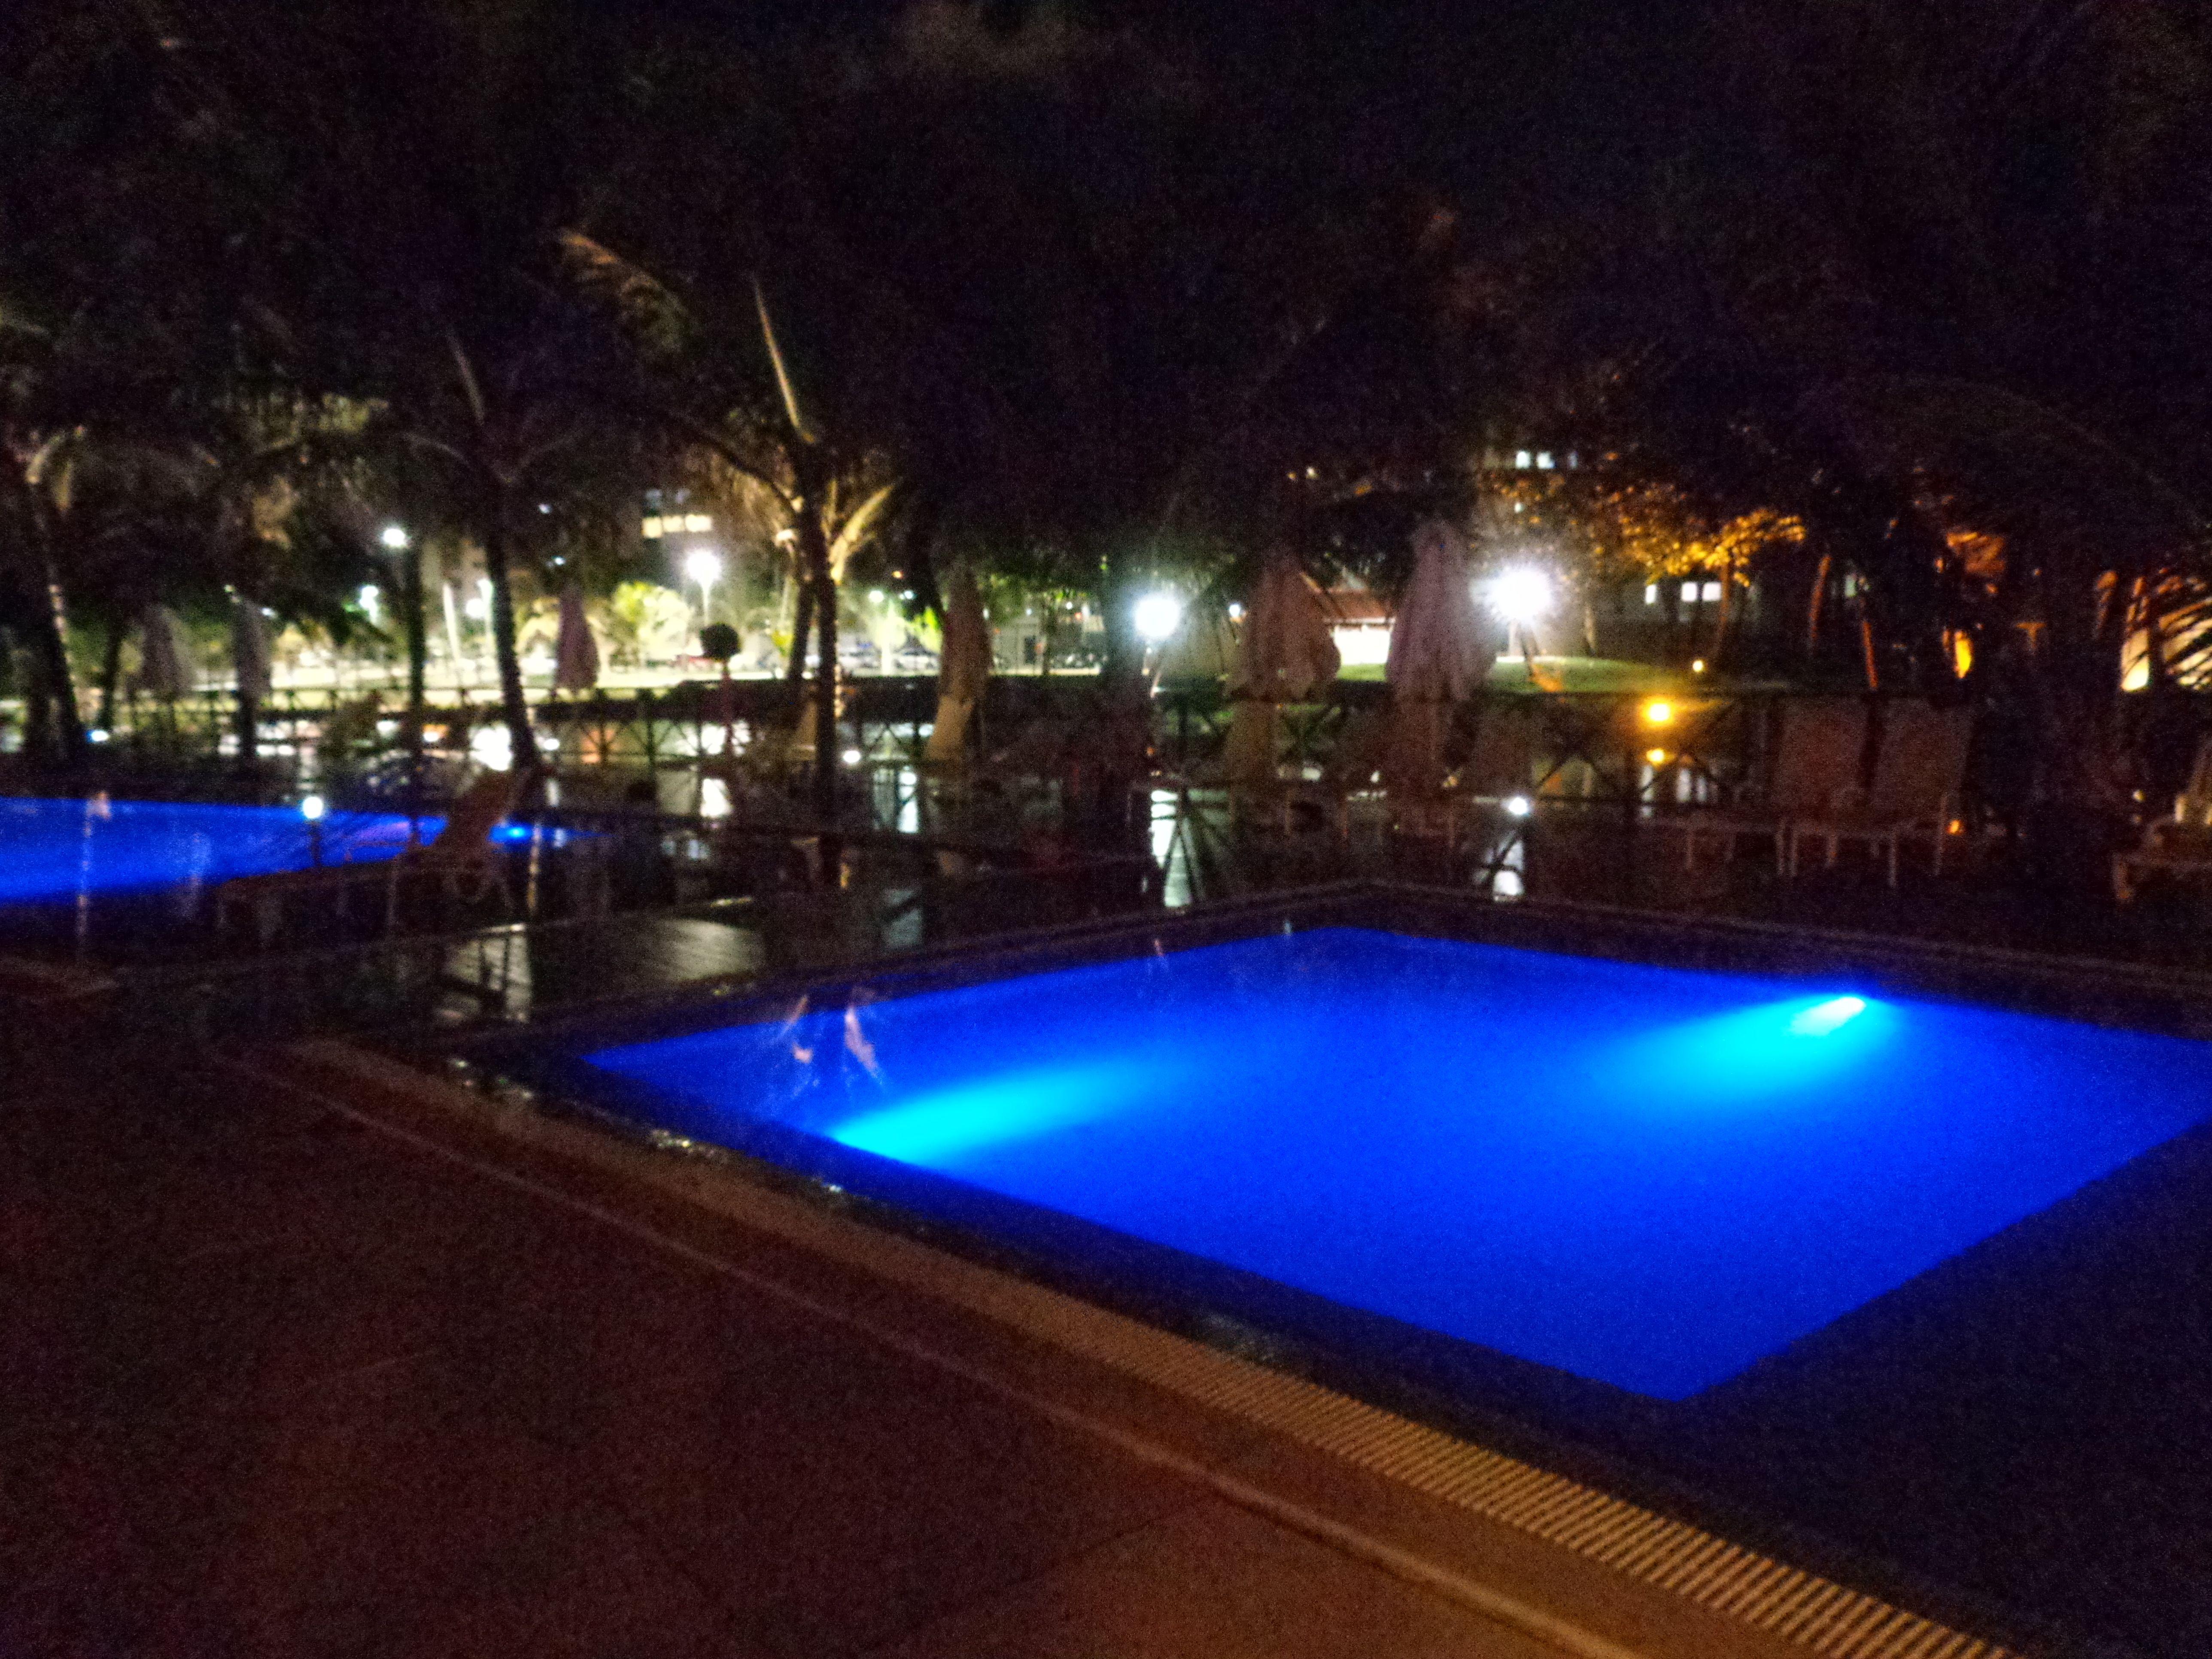 Jatiúca Resort - Maceió